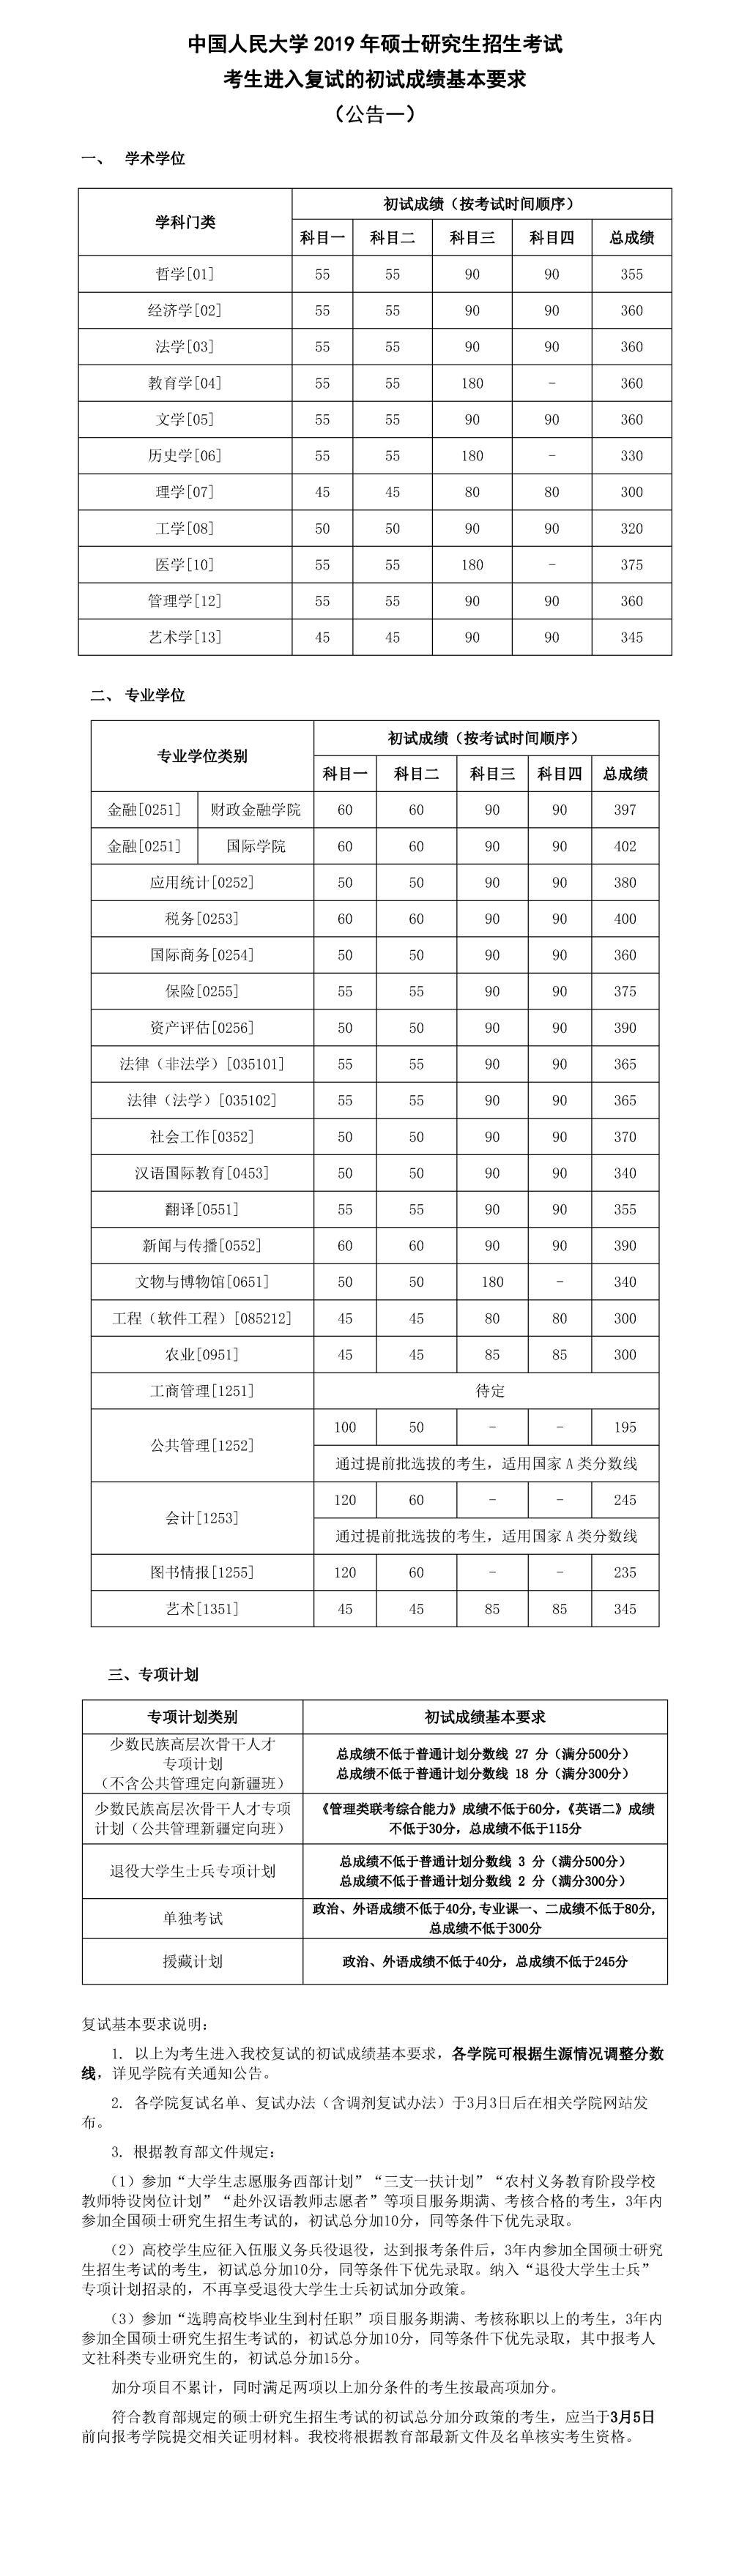 2019年中国人民大学考研复试分数线